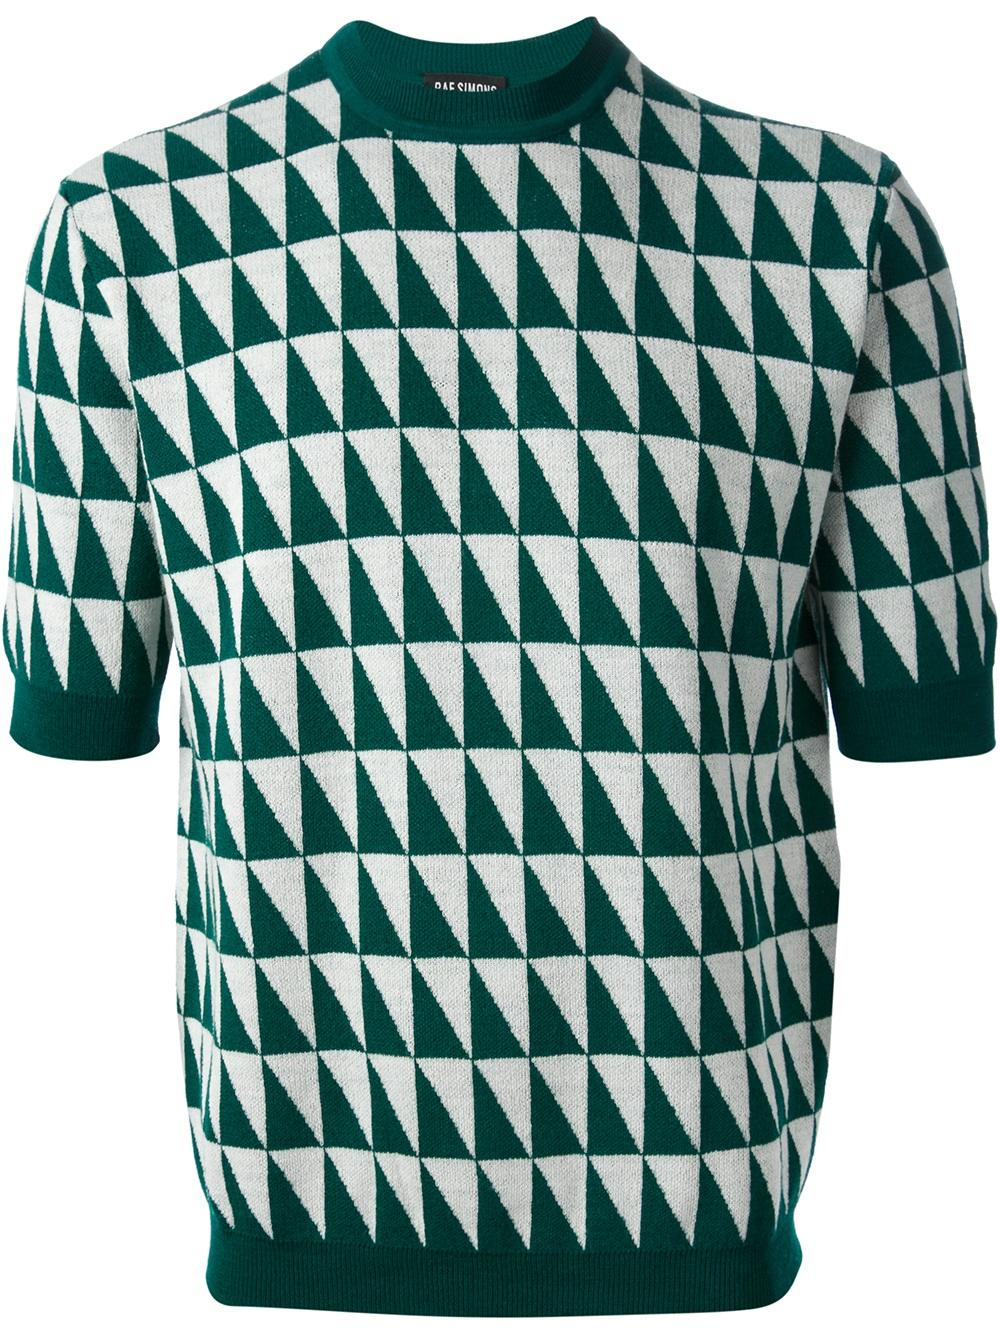 Raf simons Short Sleeve Sweater in Green for Men   Lyst